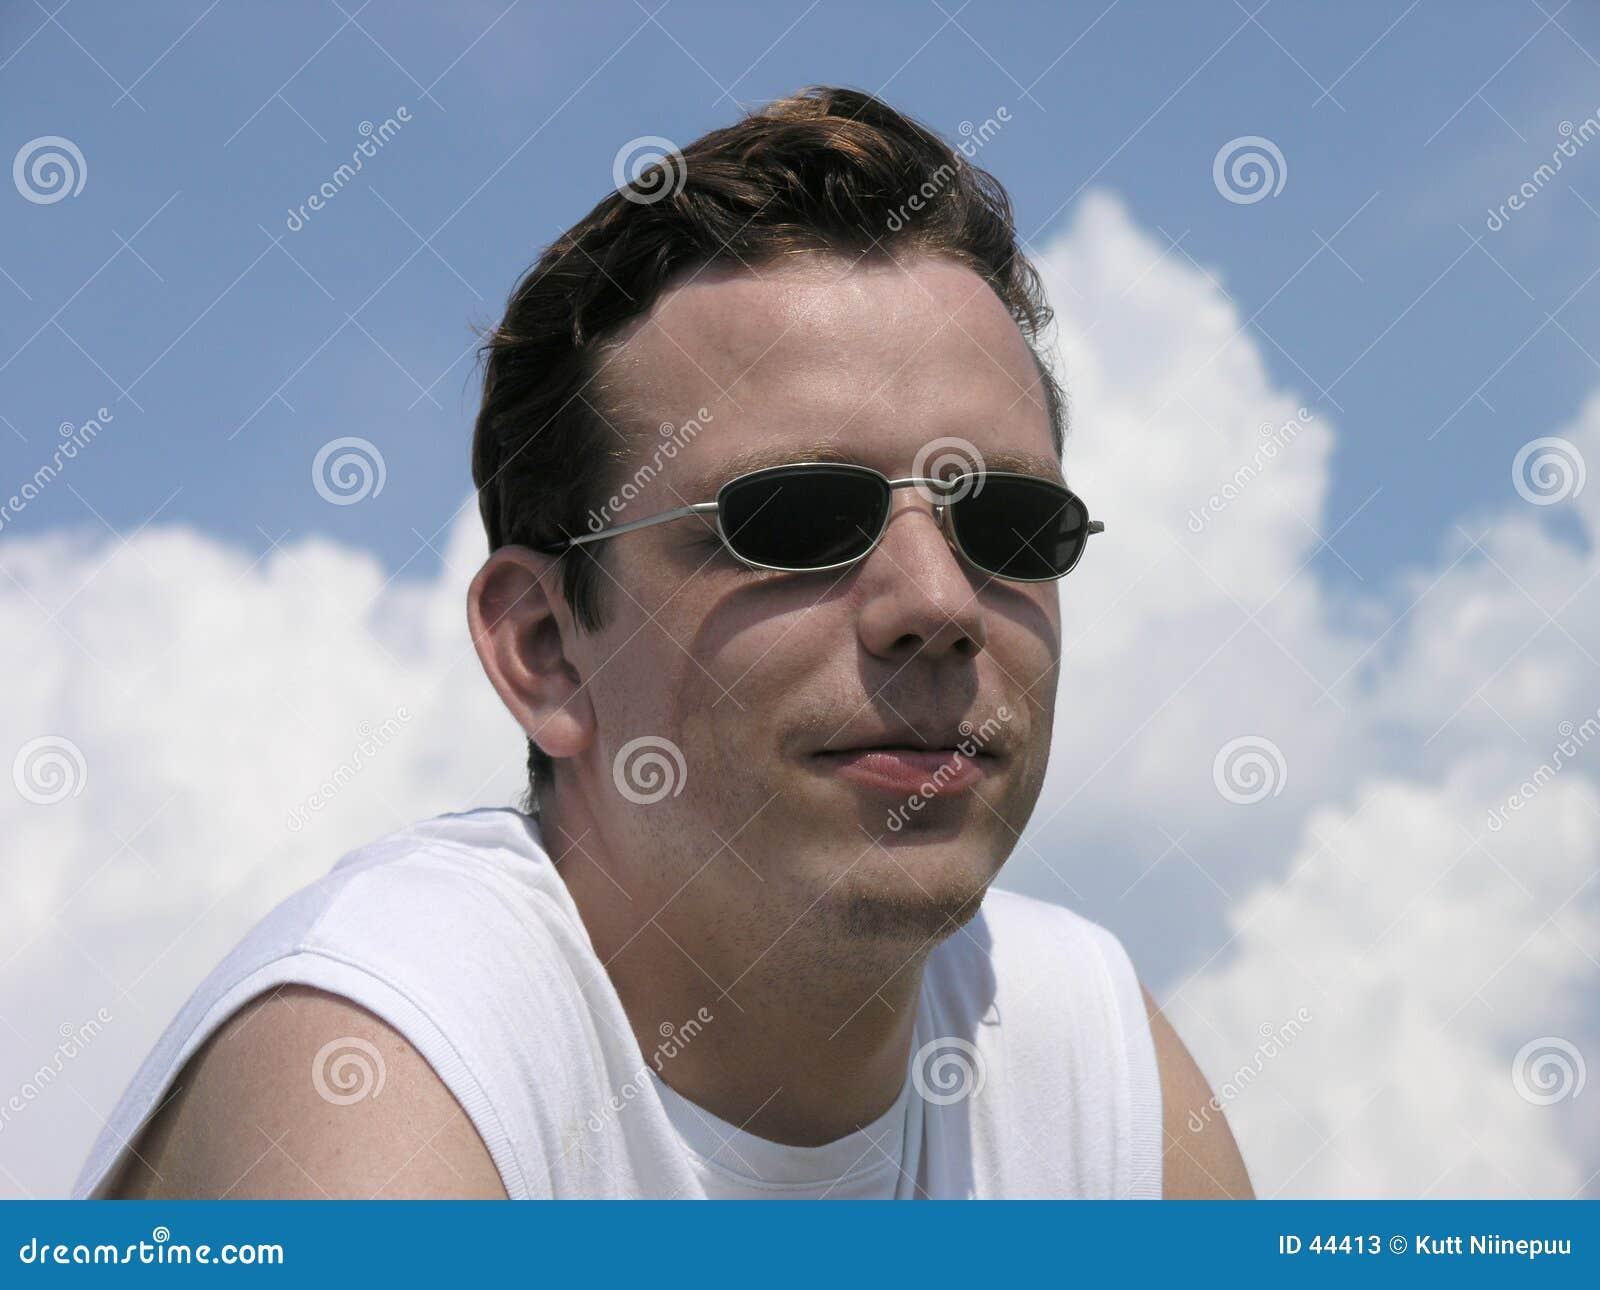 Download Glimlachend, met zonnebril stock afbeelding. Afbeelding bestaande uit wolken - 44413